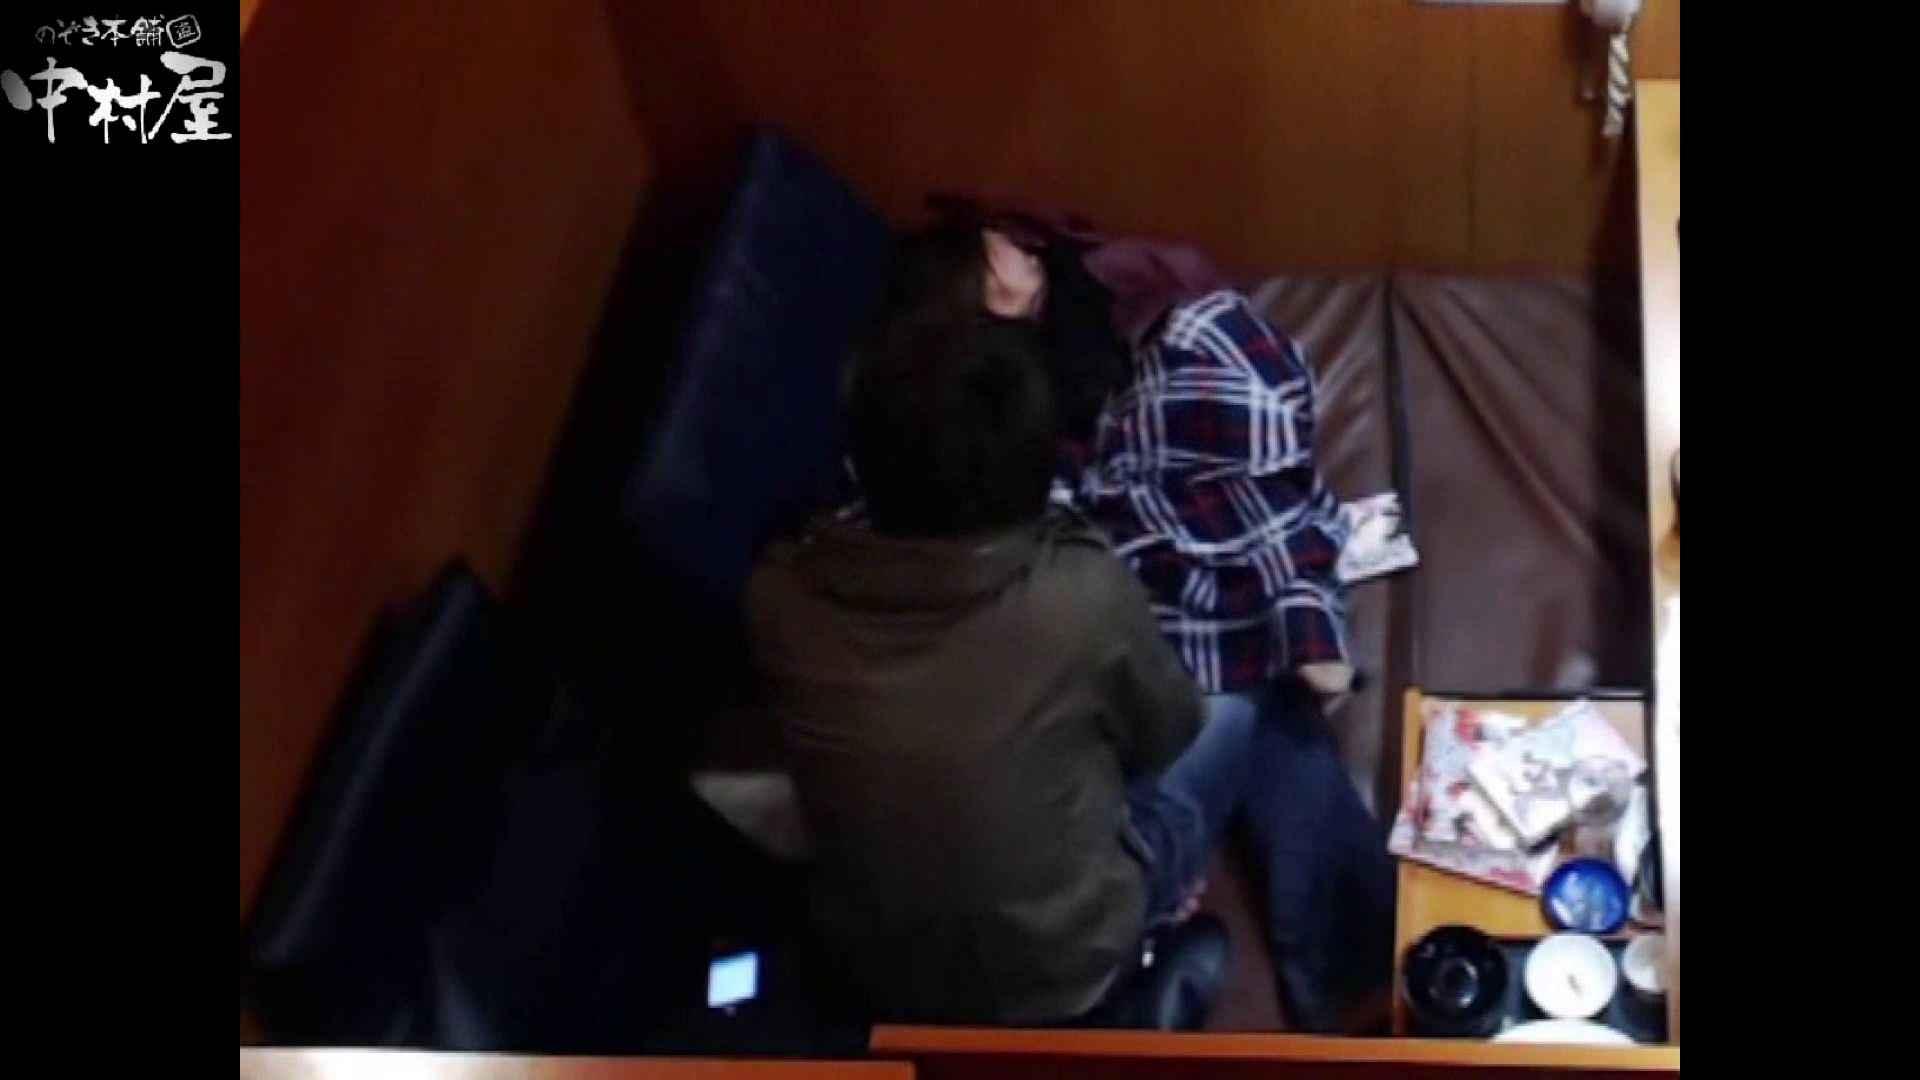 ネットカフェ盗撮師トロントさんの 素人カップル盗撮記vol.4 カップル映像 盗撮画像 101PIX 95